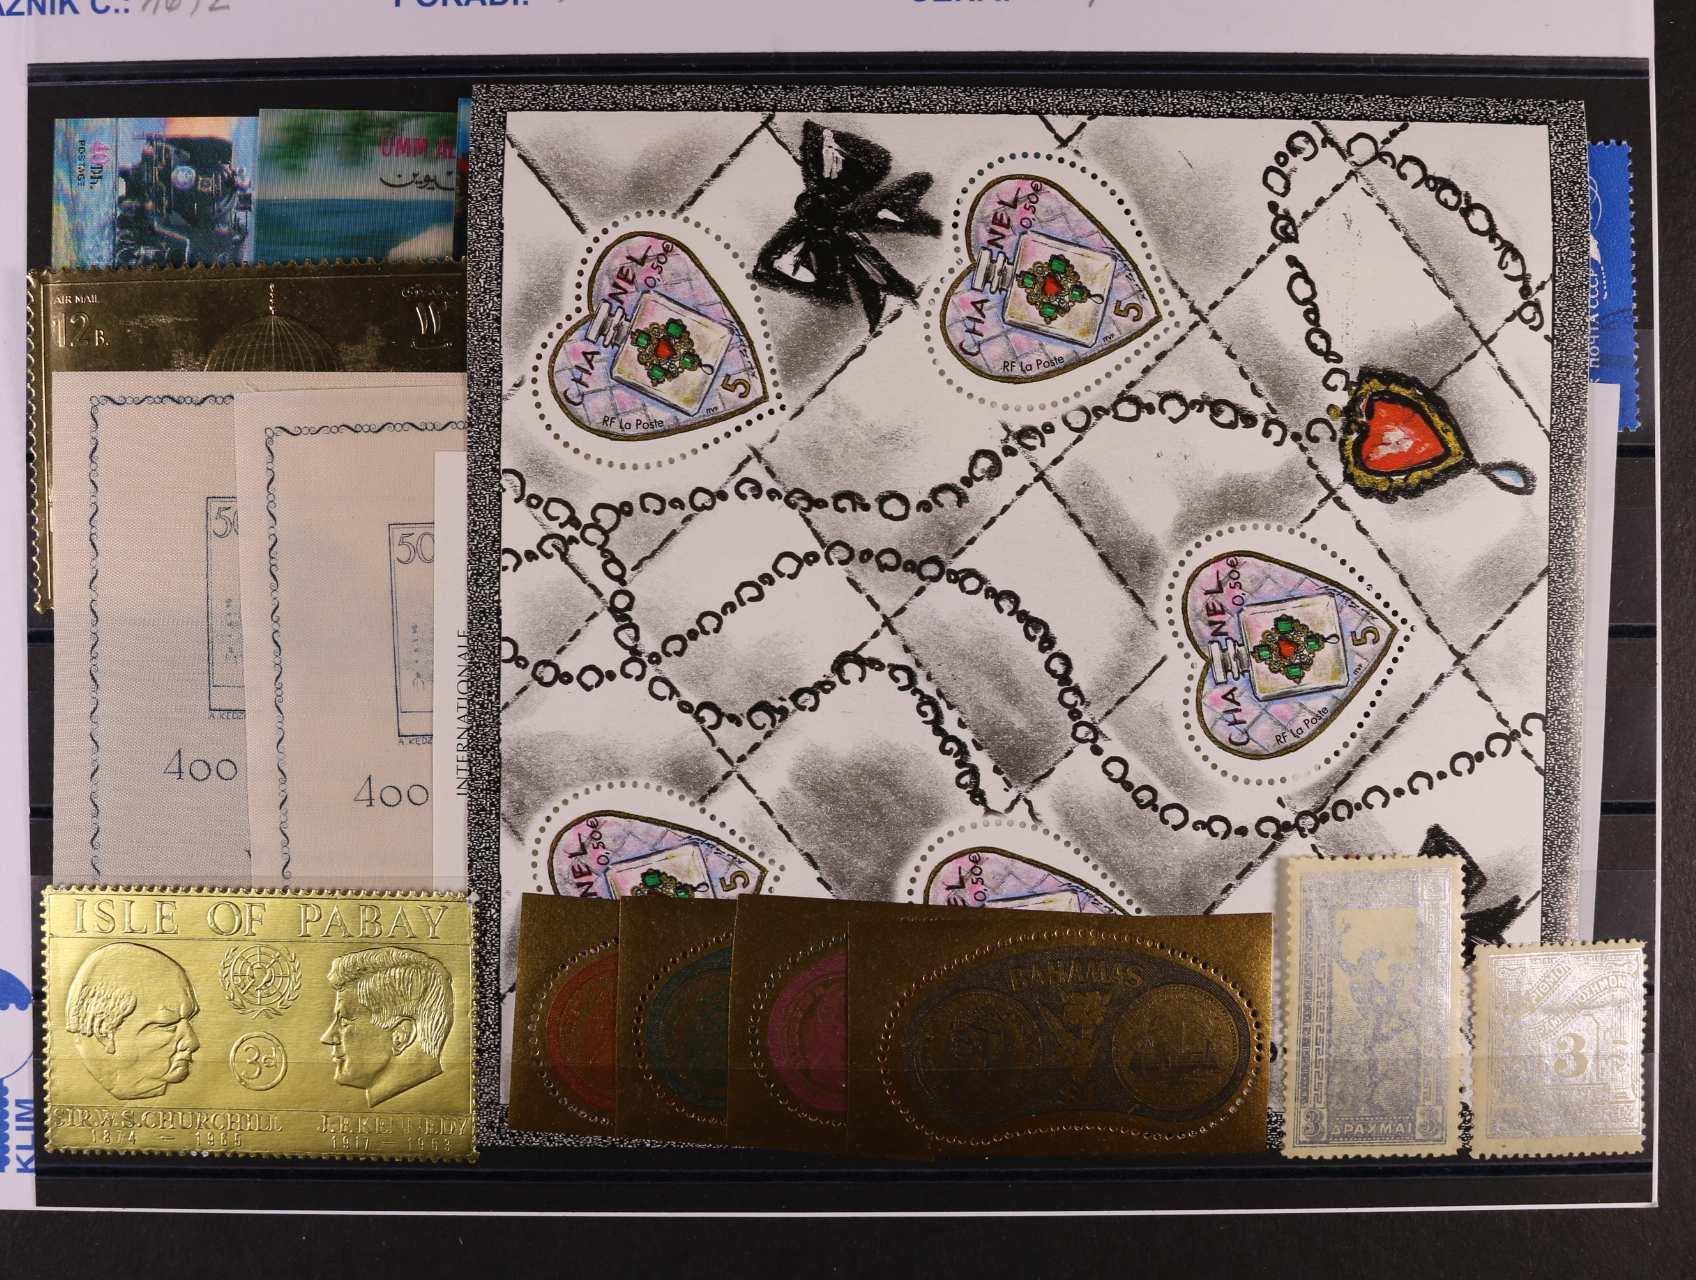 partie známek a aršíků z různých zemí v netradičním provedení, mj. na zlaté fólii, na hedvábí, různé tvary - ovály, srdíčka